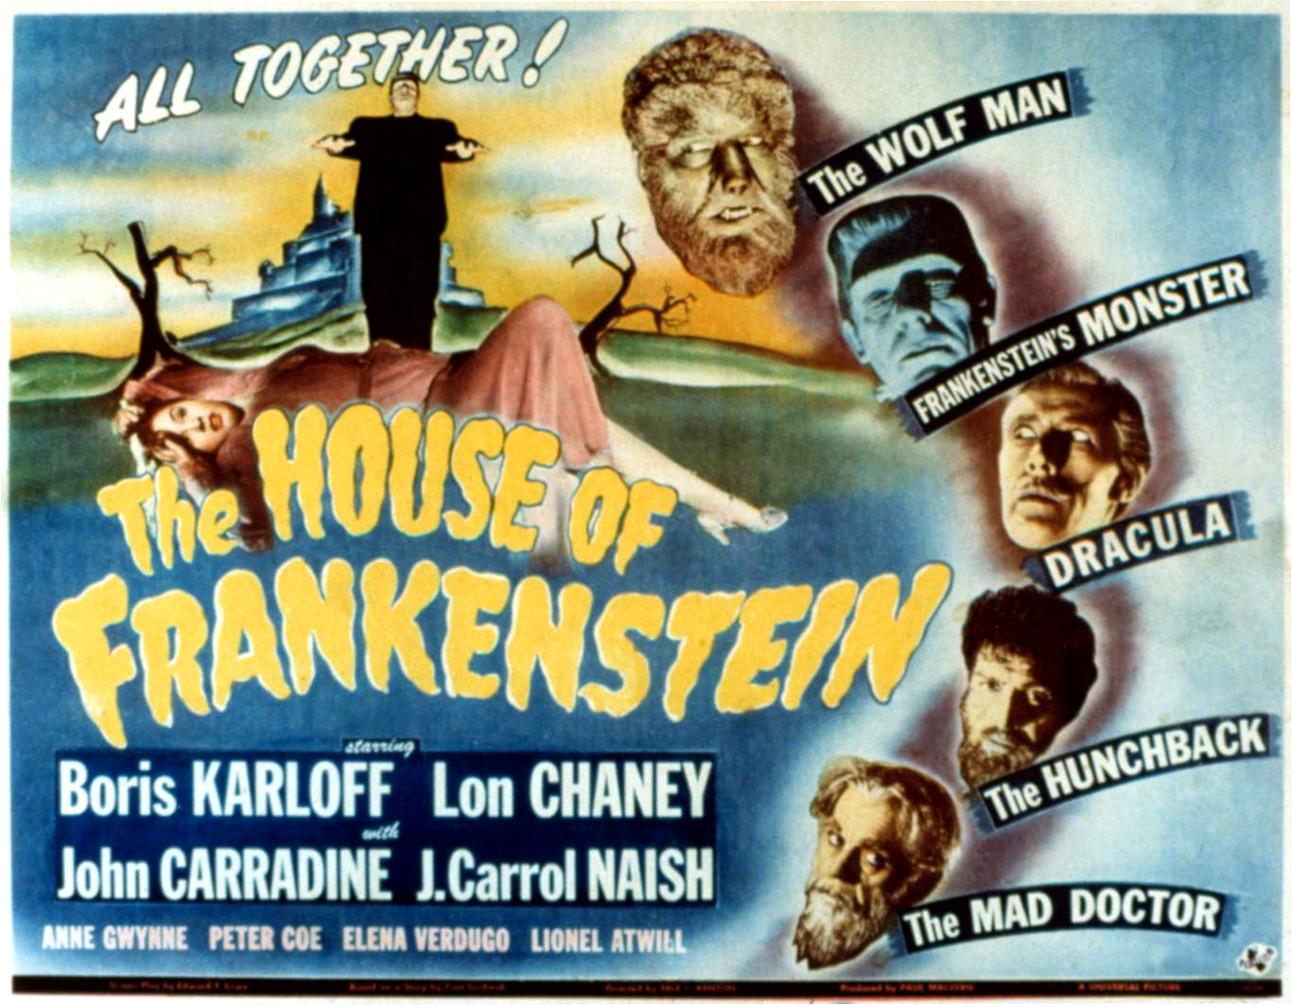 Poster_-_House_of_Frankenstein_02.jpg